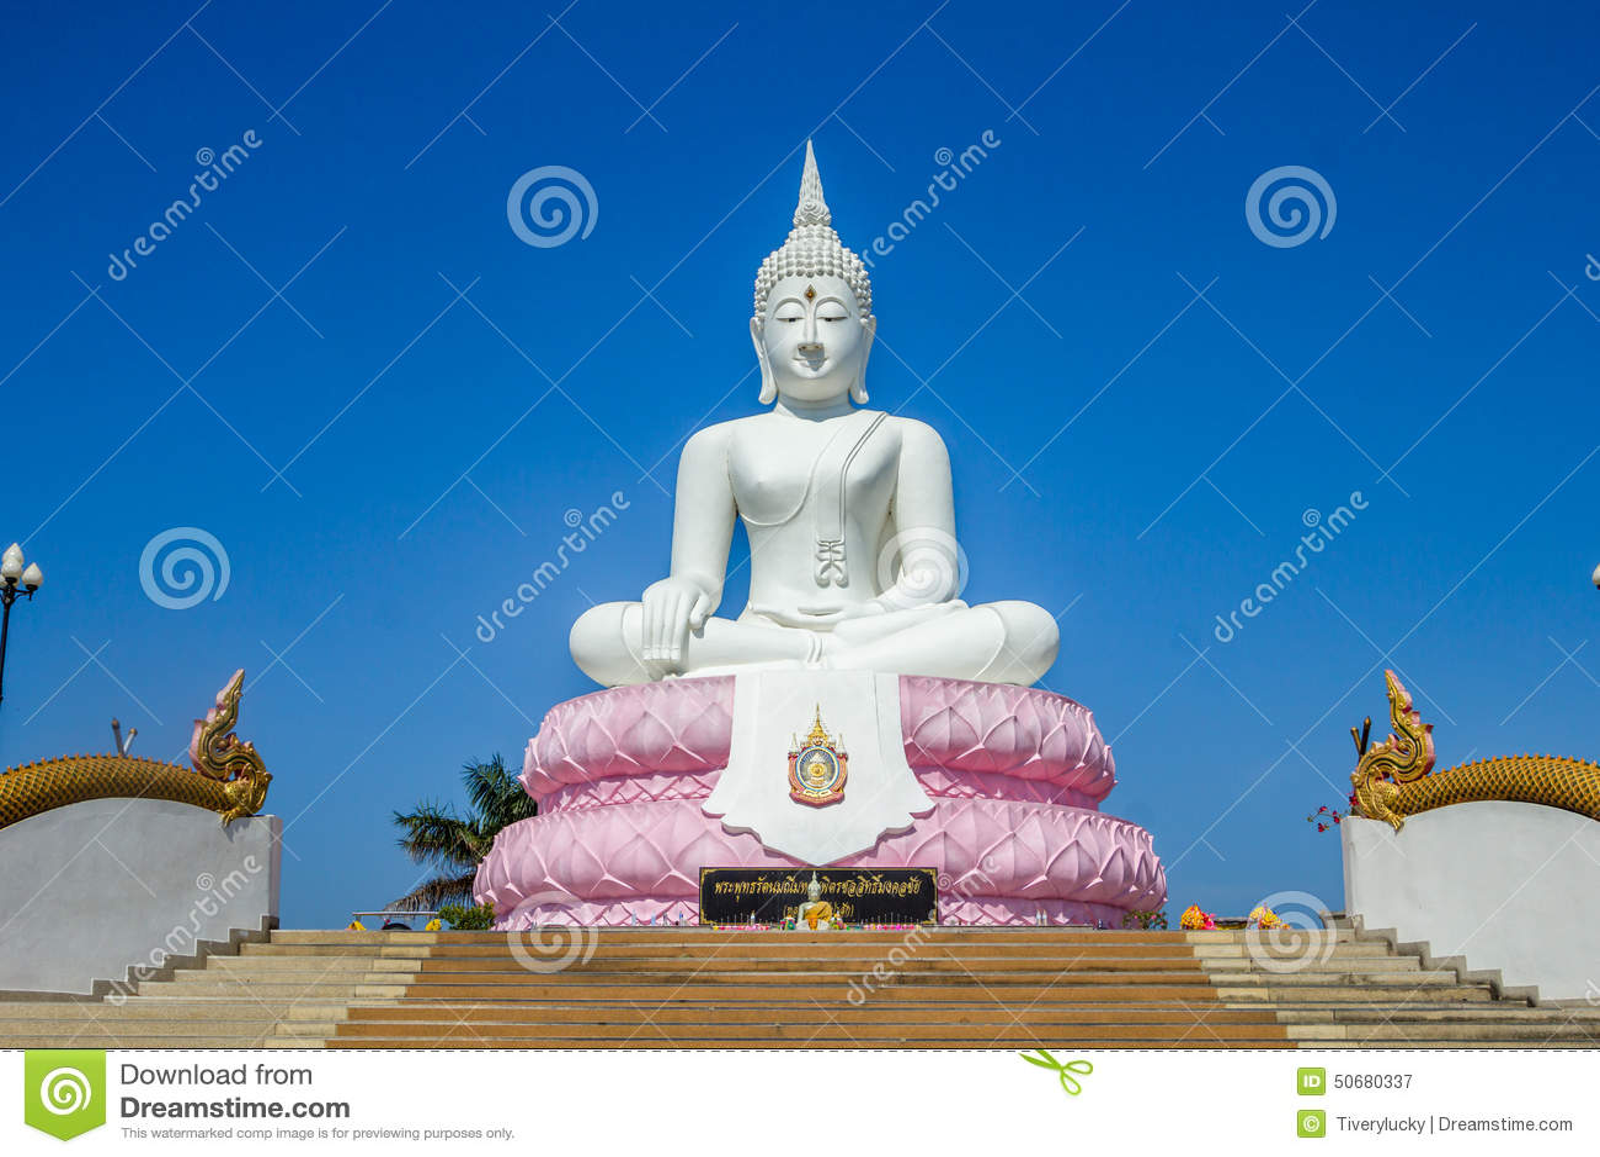 Download 菩萨大雕象 库存图片. 图片 包括有 雕塑, 精神, 佛教, 天空, 表面, 装饰品, 金子, 次幂, 五颜六色 - 50680337